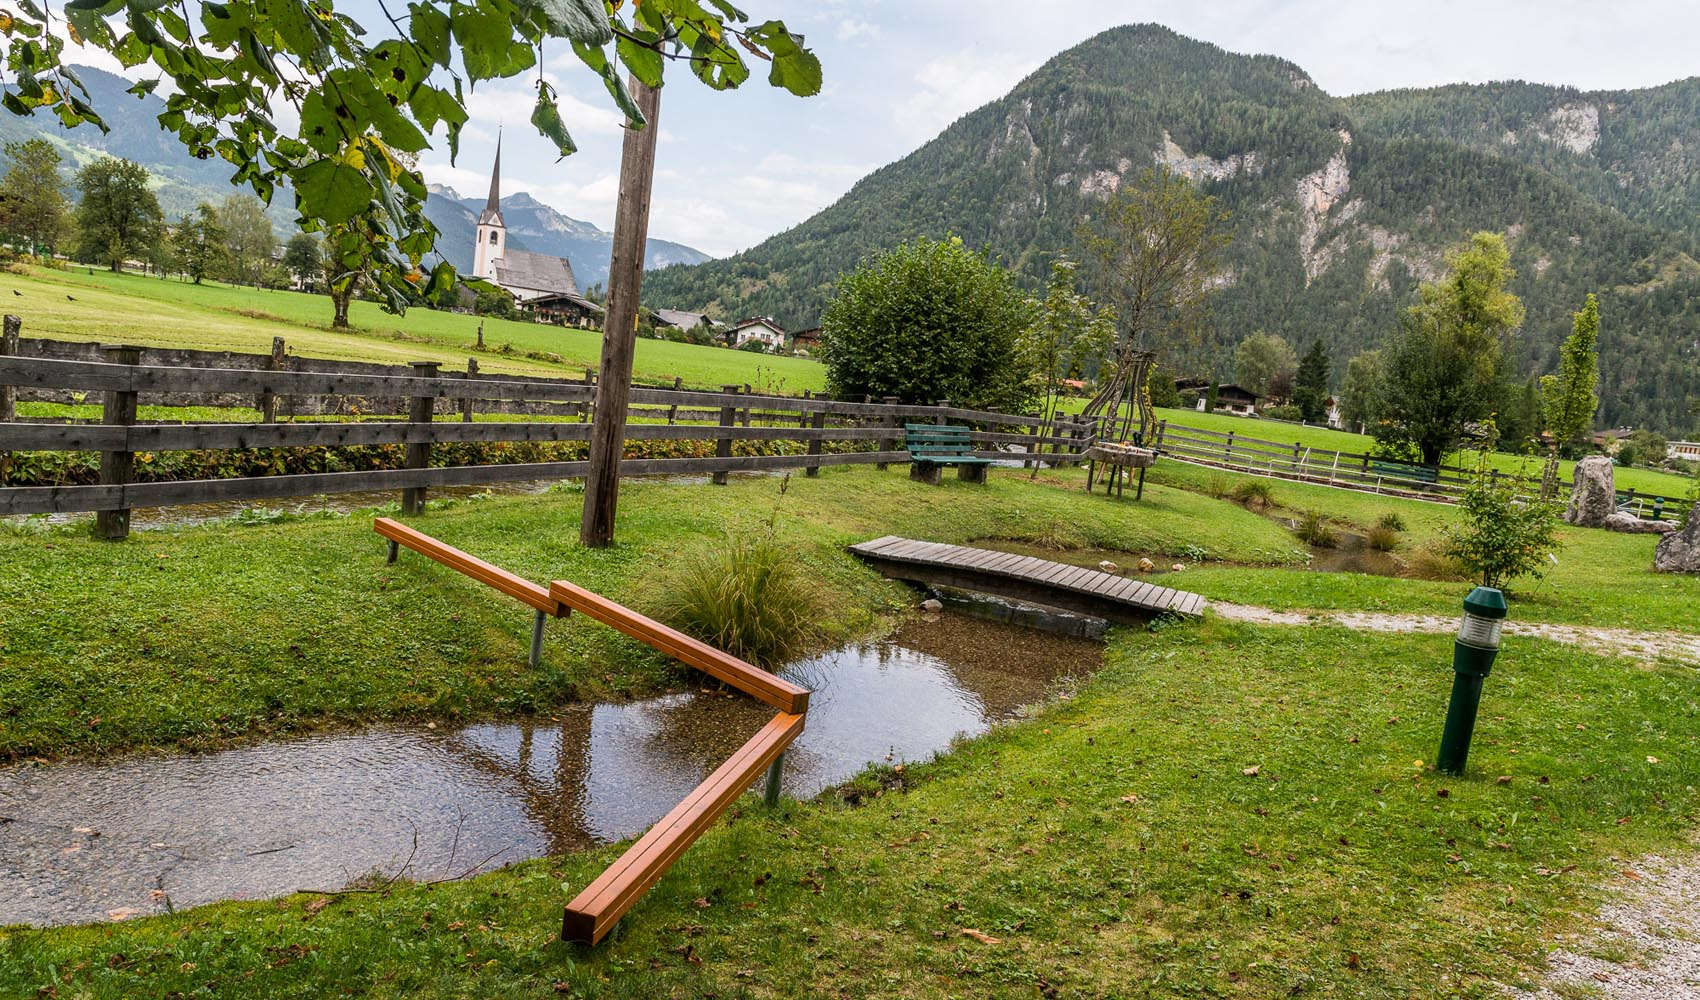 Im Pinzgauer Saalachtal gibt es beispielsweise drei Kneippanlagen (Lofer, Weißbach und St. Martin)